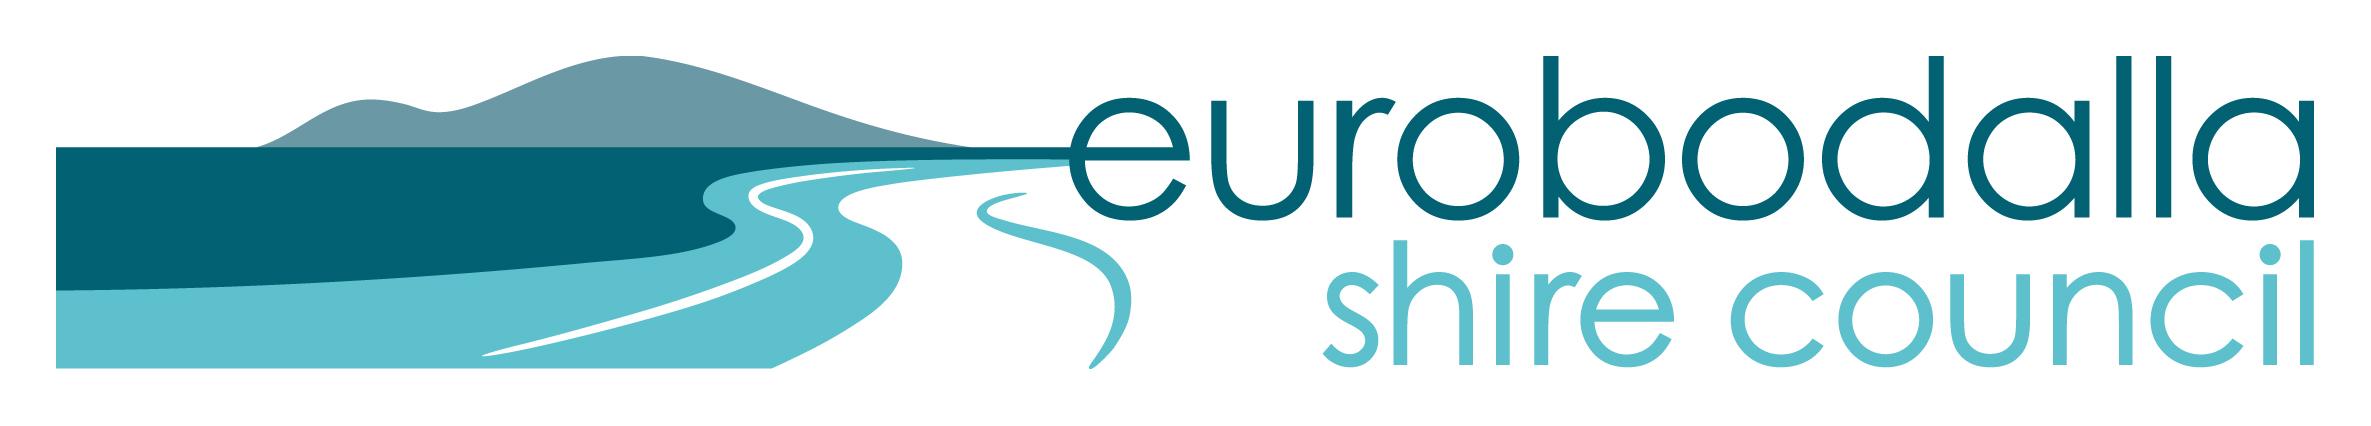 eurobodalla-shire-council.jpg